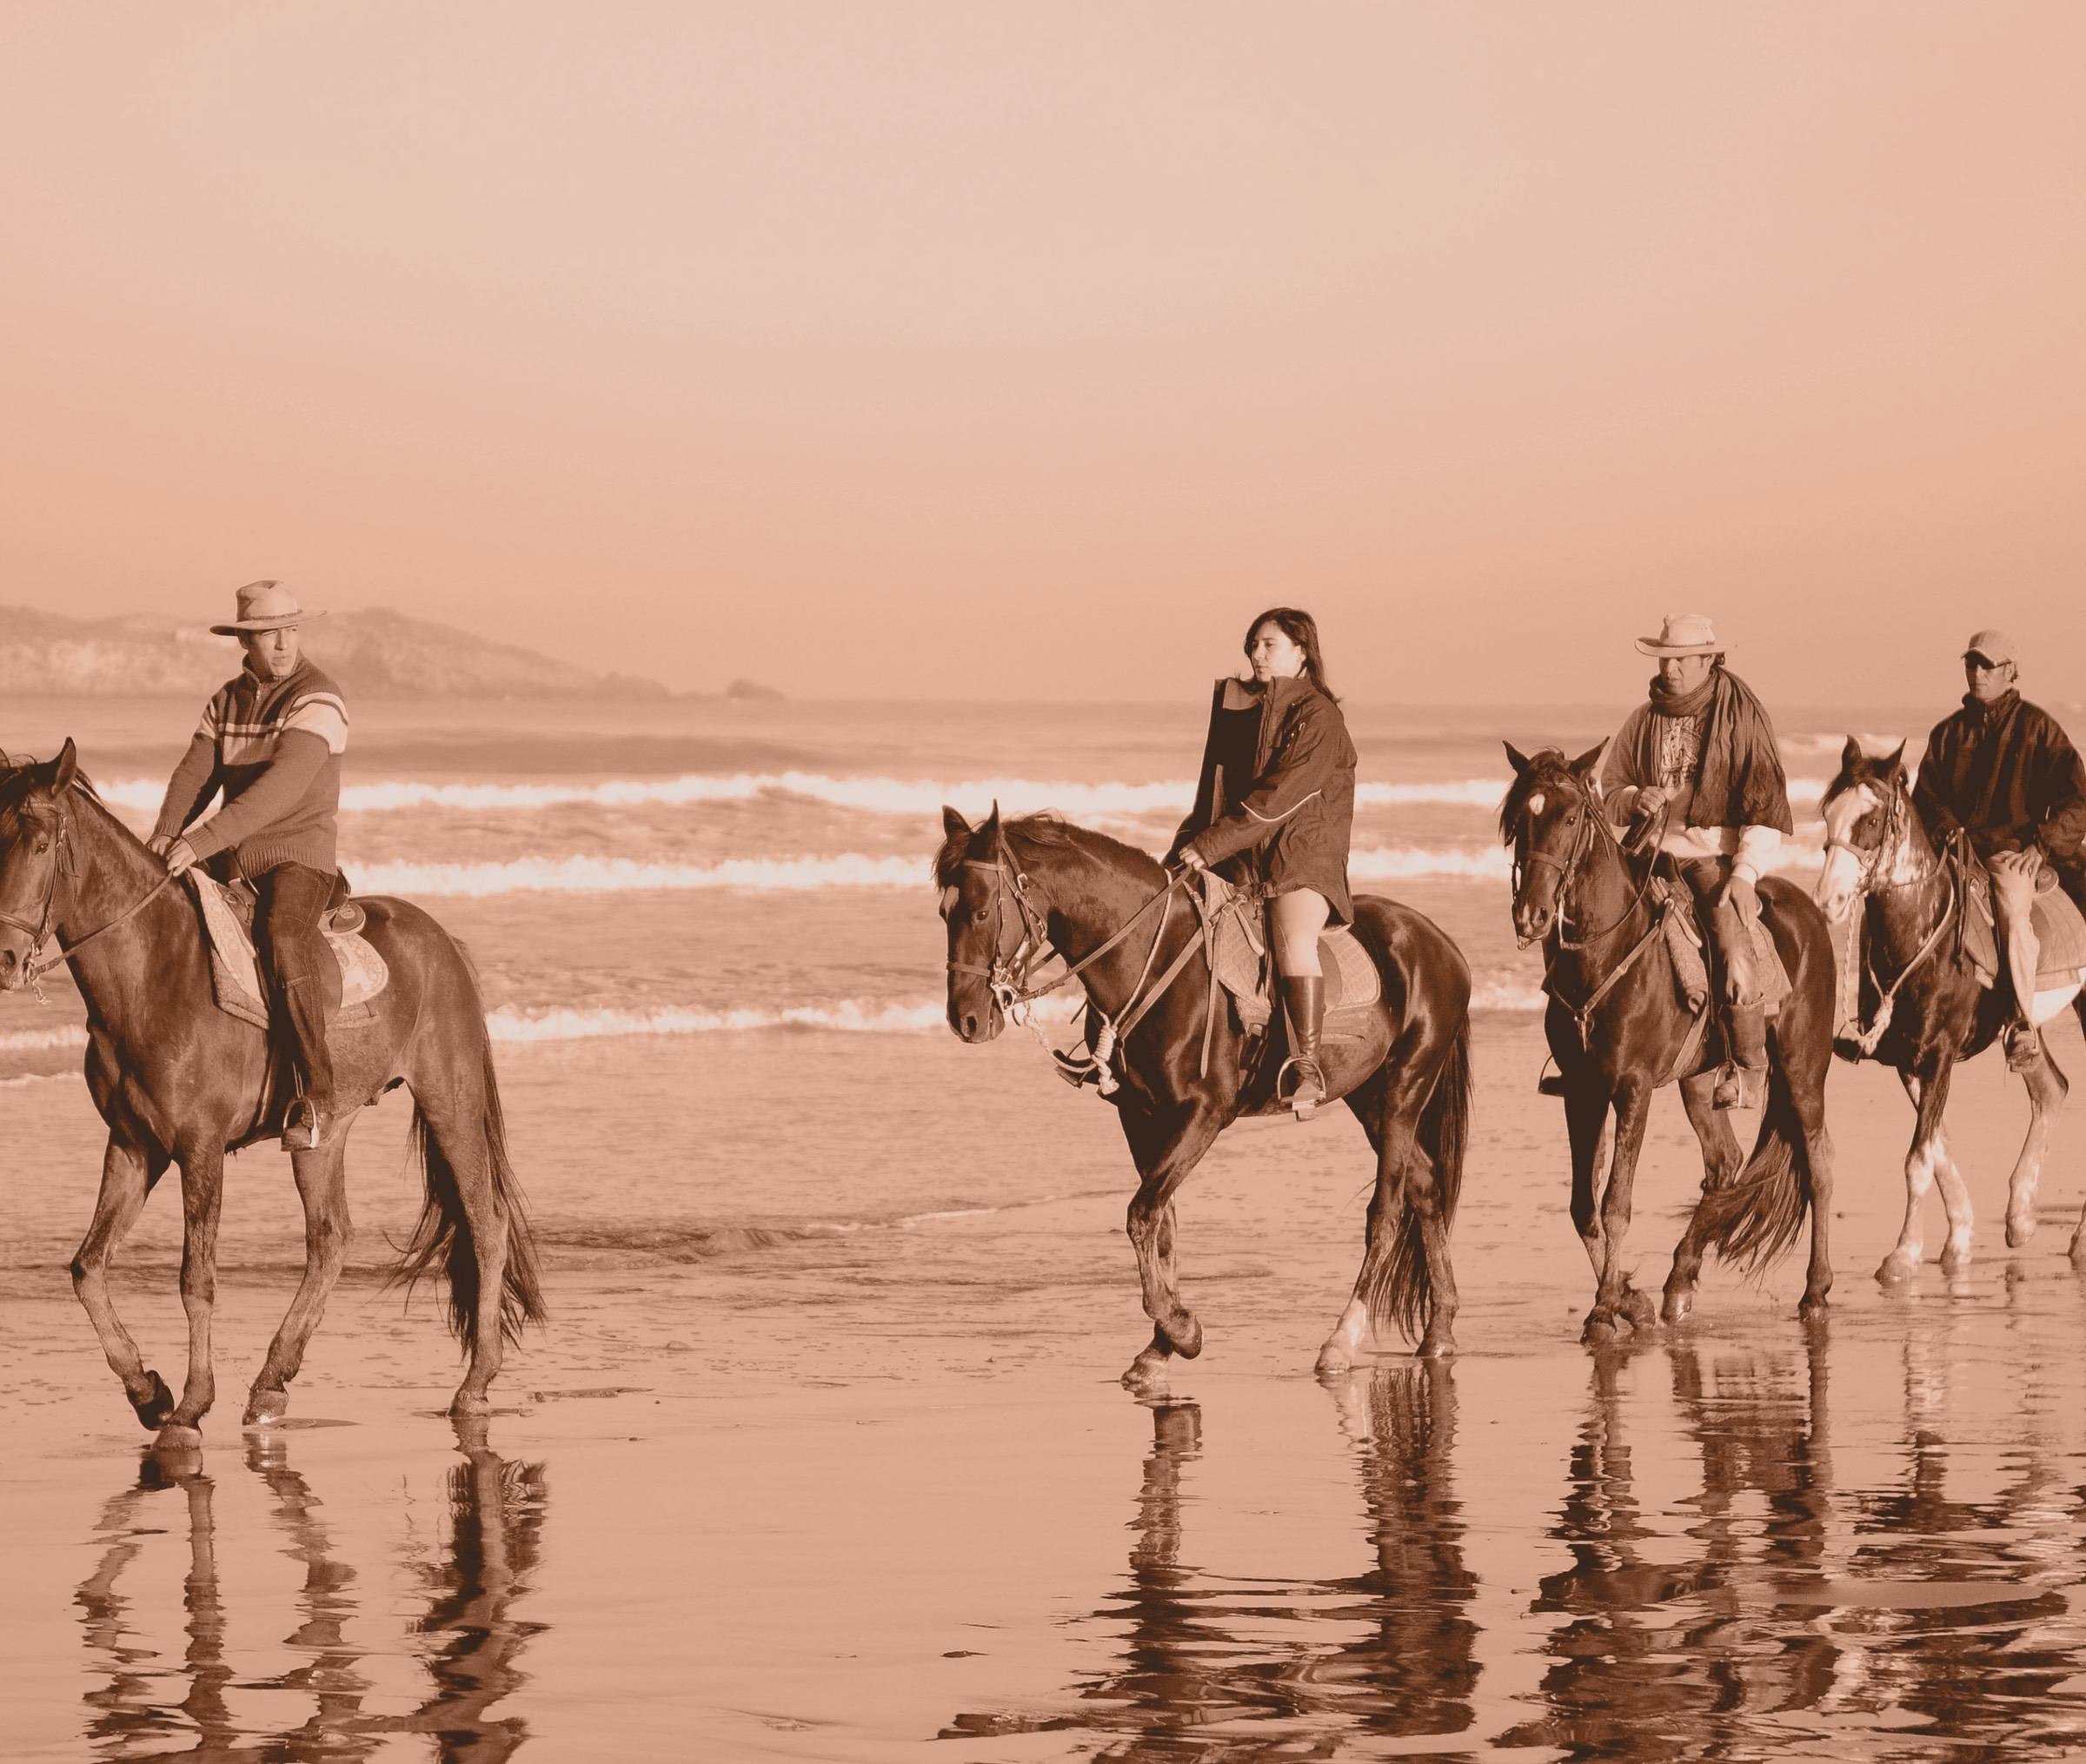 Ranch de Diabat - Who we are?